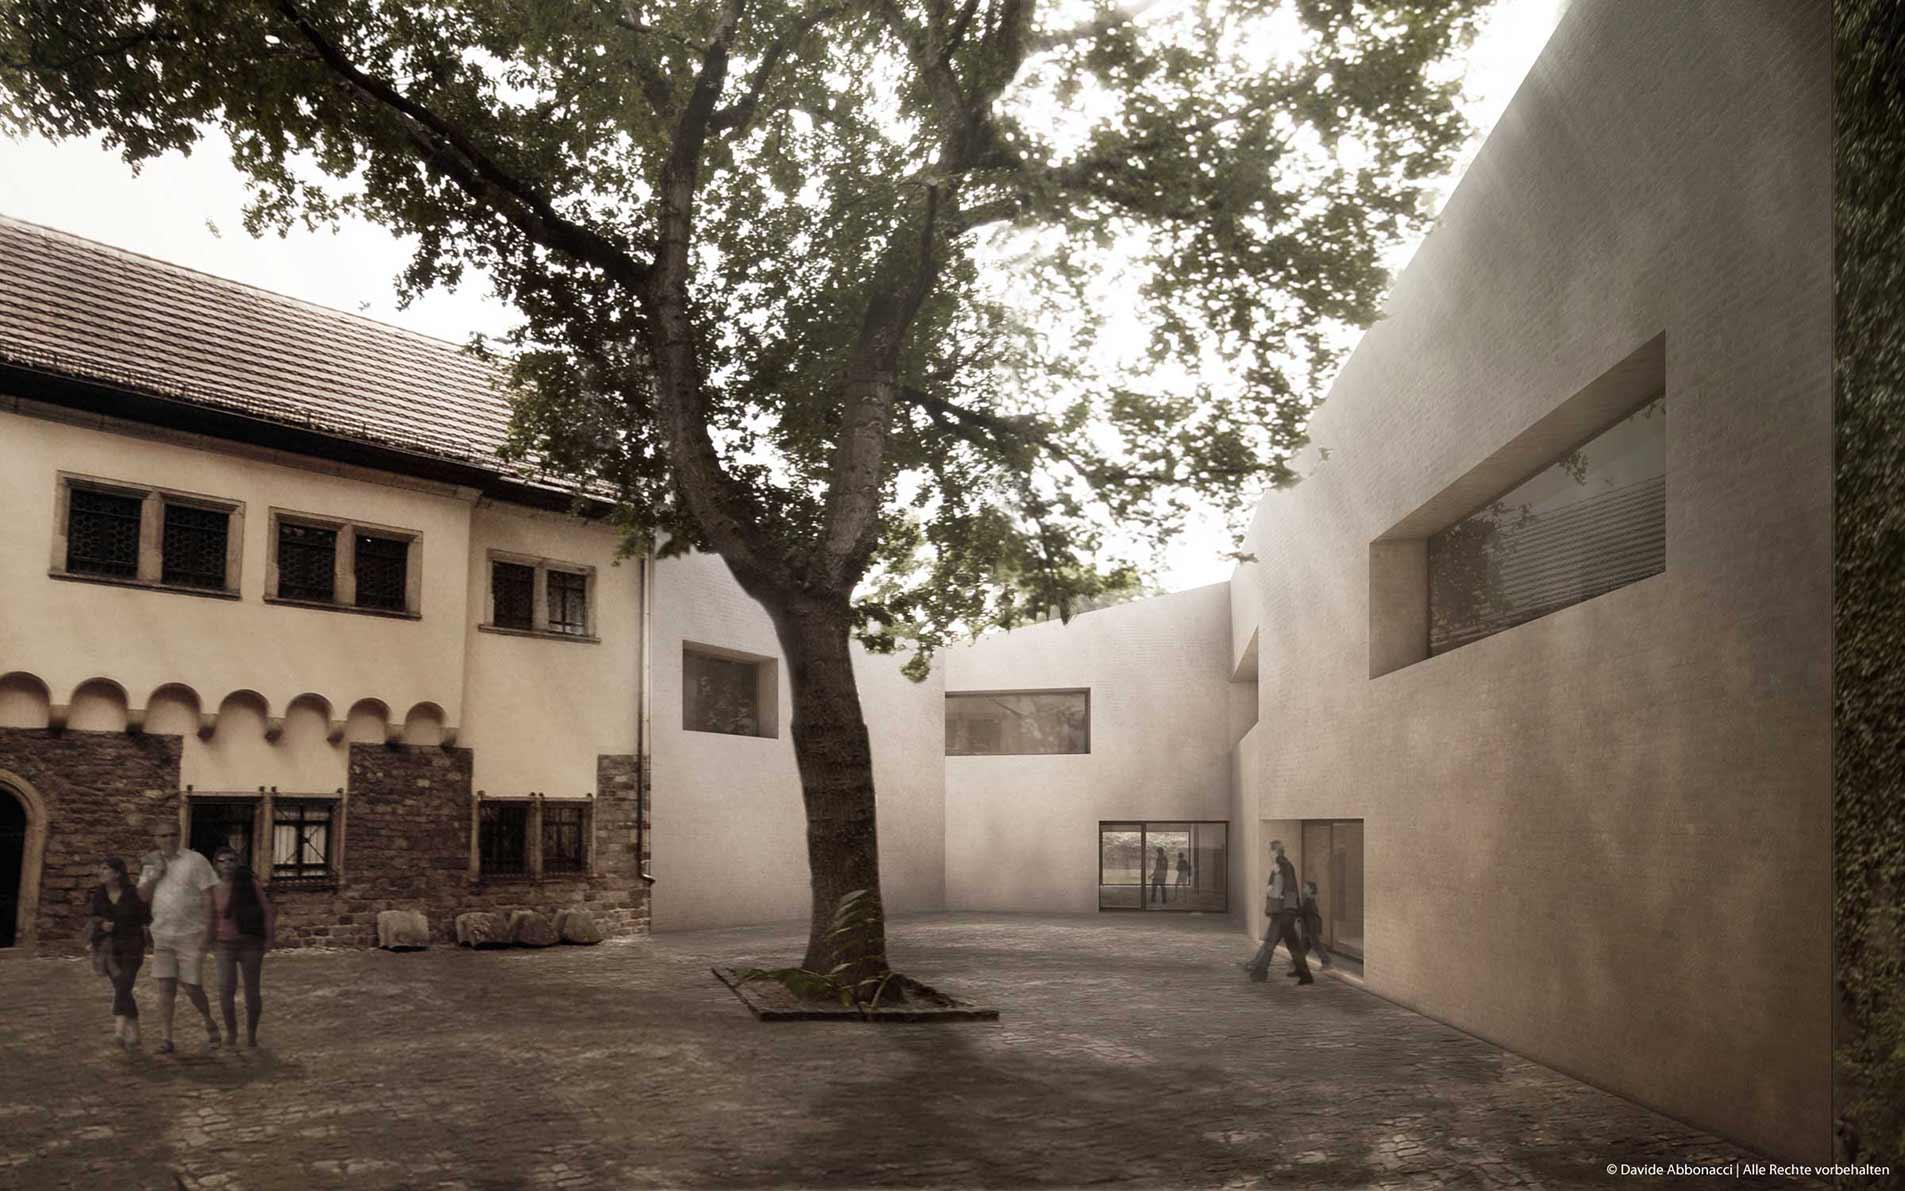 Martin Luther Sterbehaus, Eisleben | Bruno Fioretti Marquez Architekten | 2009 Wettbewerbsvisualisierung | 2. Preis